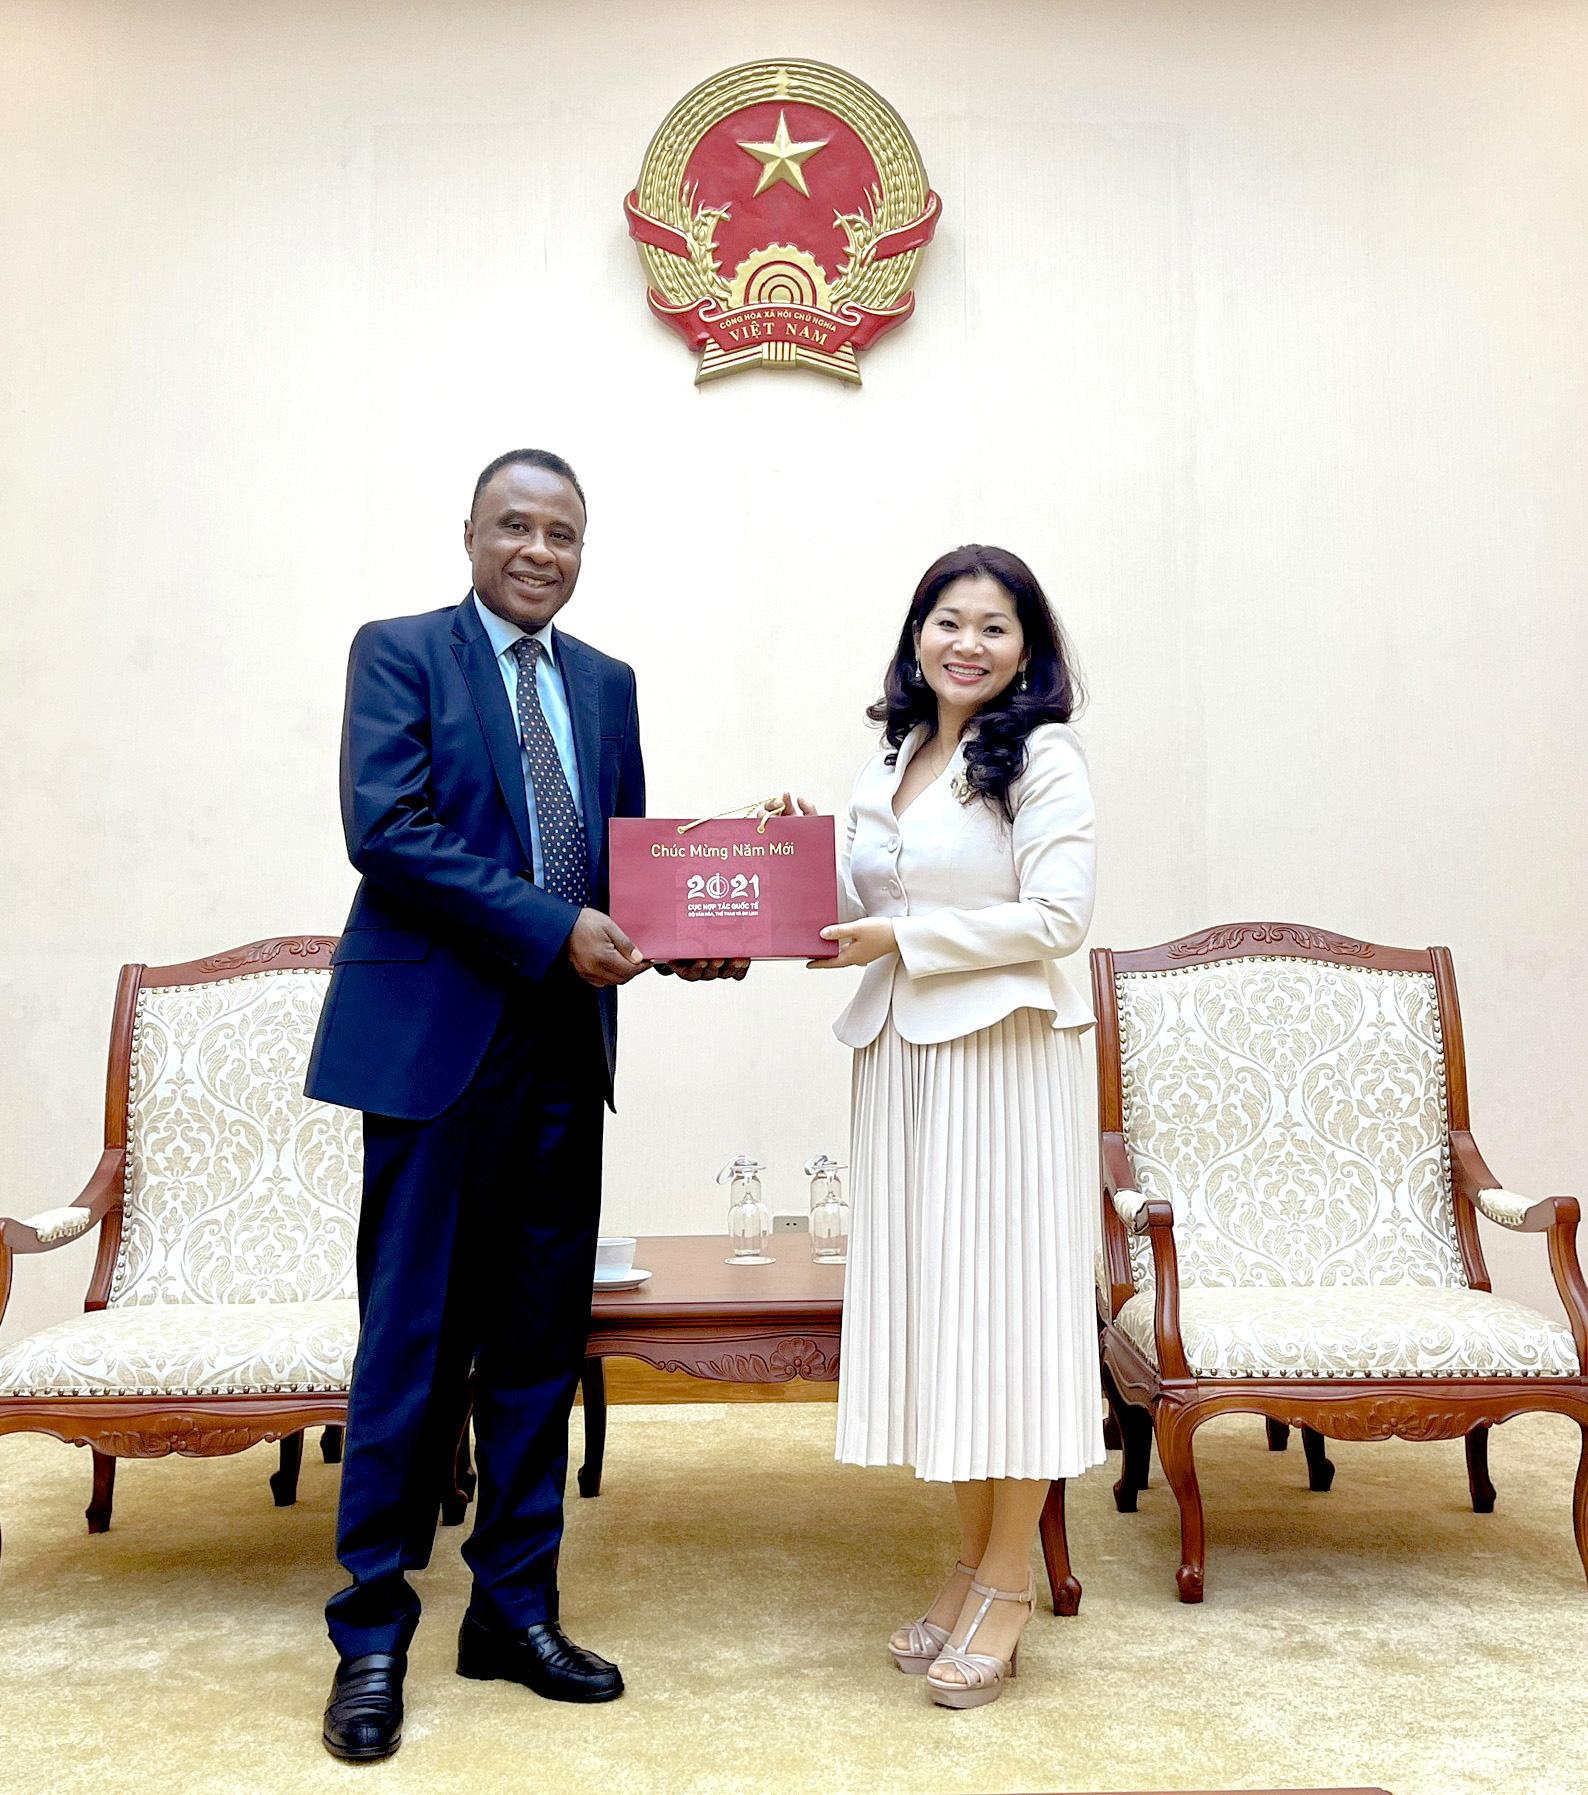 Cục trưởng Cục Hợp tác quốc tế tiếp Ông Chékou Oussouman  Trưởng đại diện tổ chức quốc tế Pháp ngữ OIF, khu vực châu Á  Thái Bình Dương tại Việt Nam - Ảnh 2.